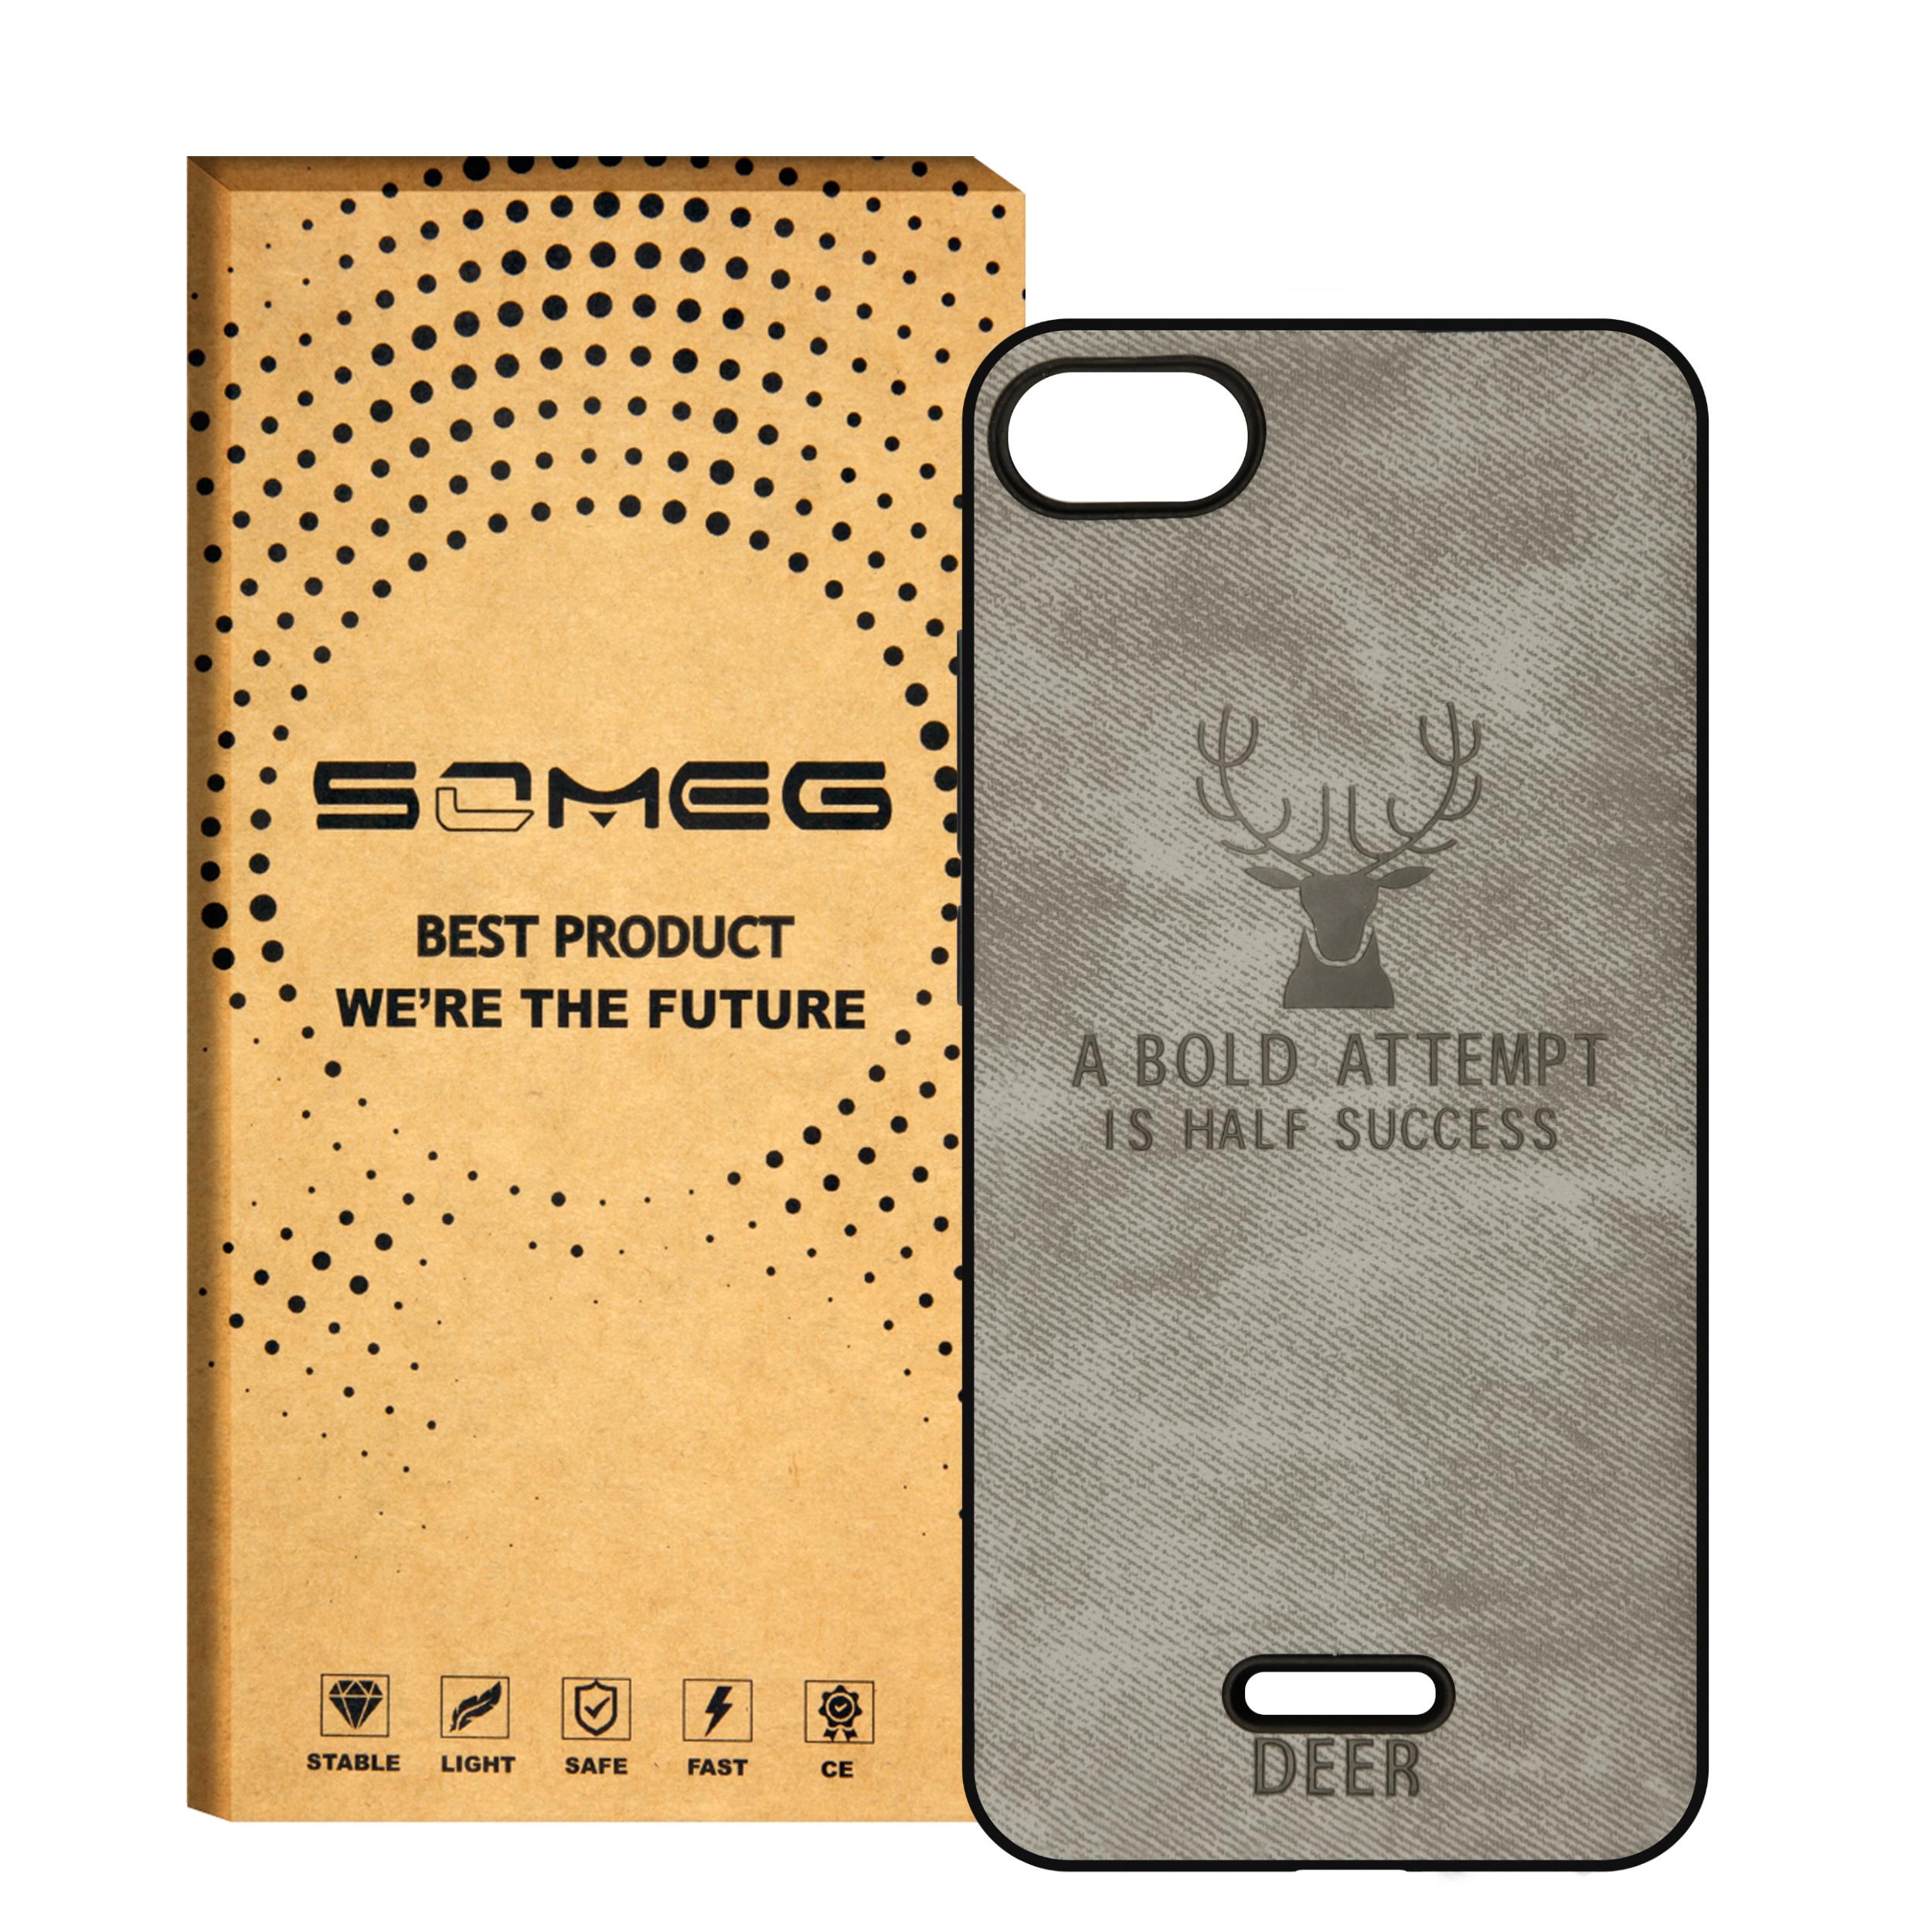 کاور سومگ مدل SMG-Der02 مناسب برای گوشی موبایل شیائومی Redmi 6A              ( قیمت و خرید)